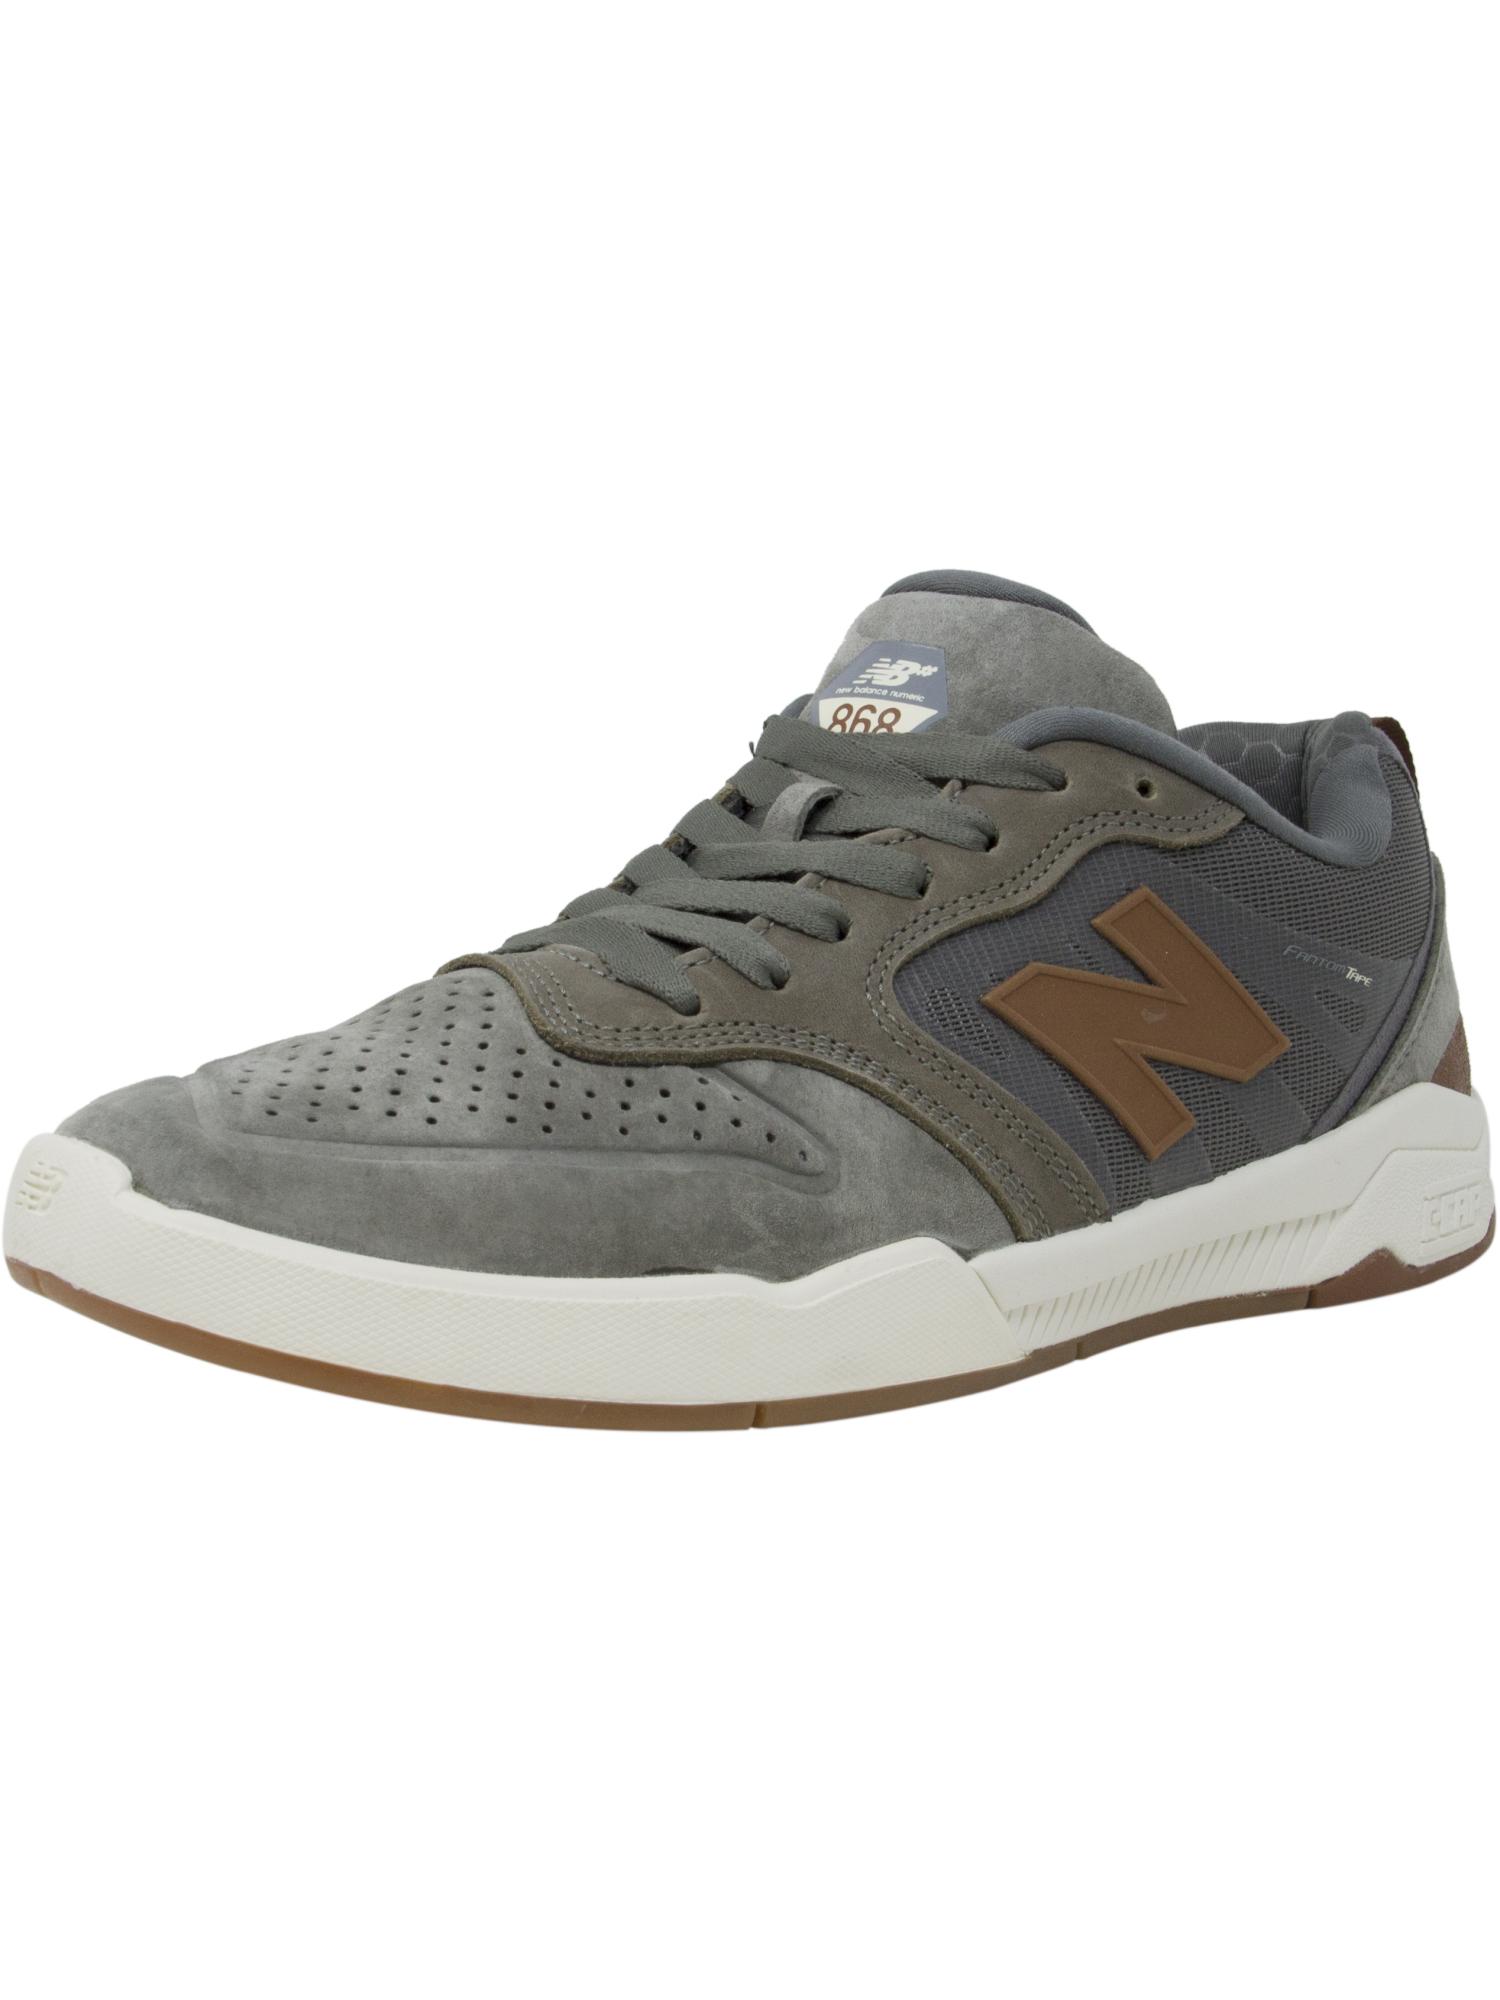 New Balance Men's Nm868 Ankle-High Skateboarding Shoe